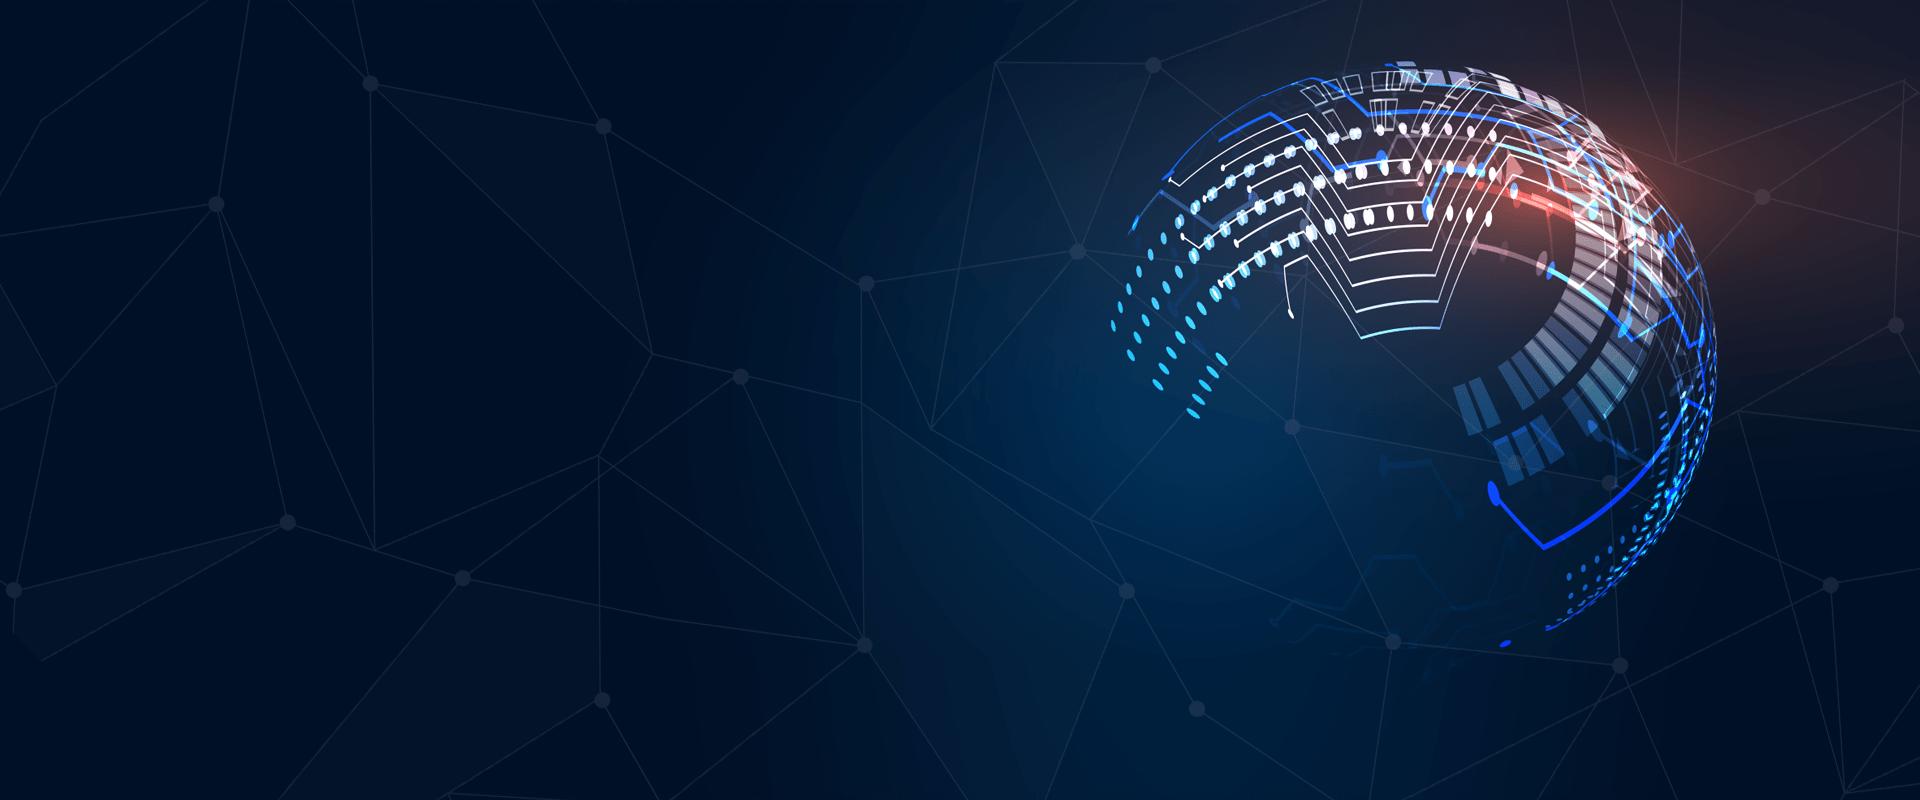 شرکت دانش بنیان رایمند تولید کننده گیرنده های نقشه برداری دو فرکانسه، مالتی فرکانس، مولتی فرکانس، تک فرکانس با قابلیت استفاده از ماهواره های جی پی اس gps، گلوناس glonass، بیدو beidou، گالیله galileo، sbas